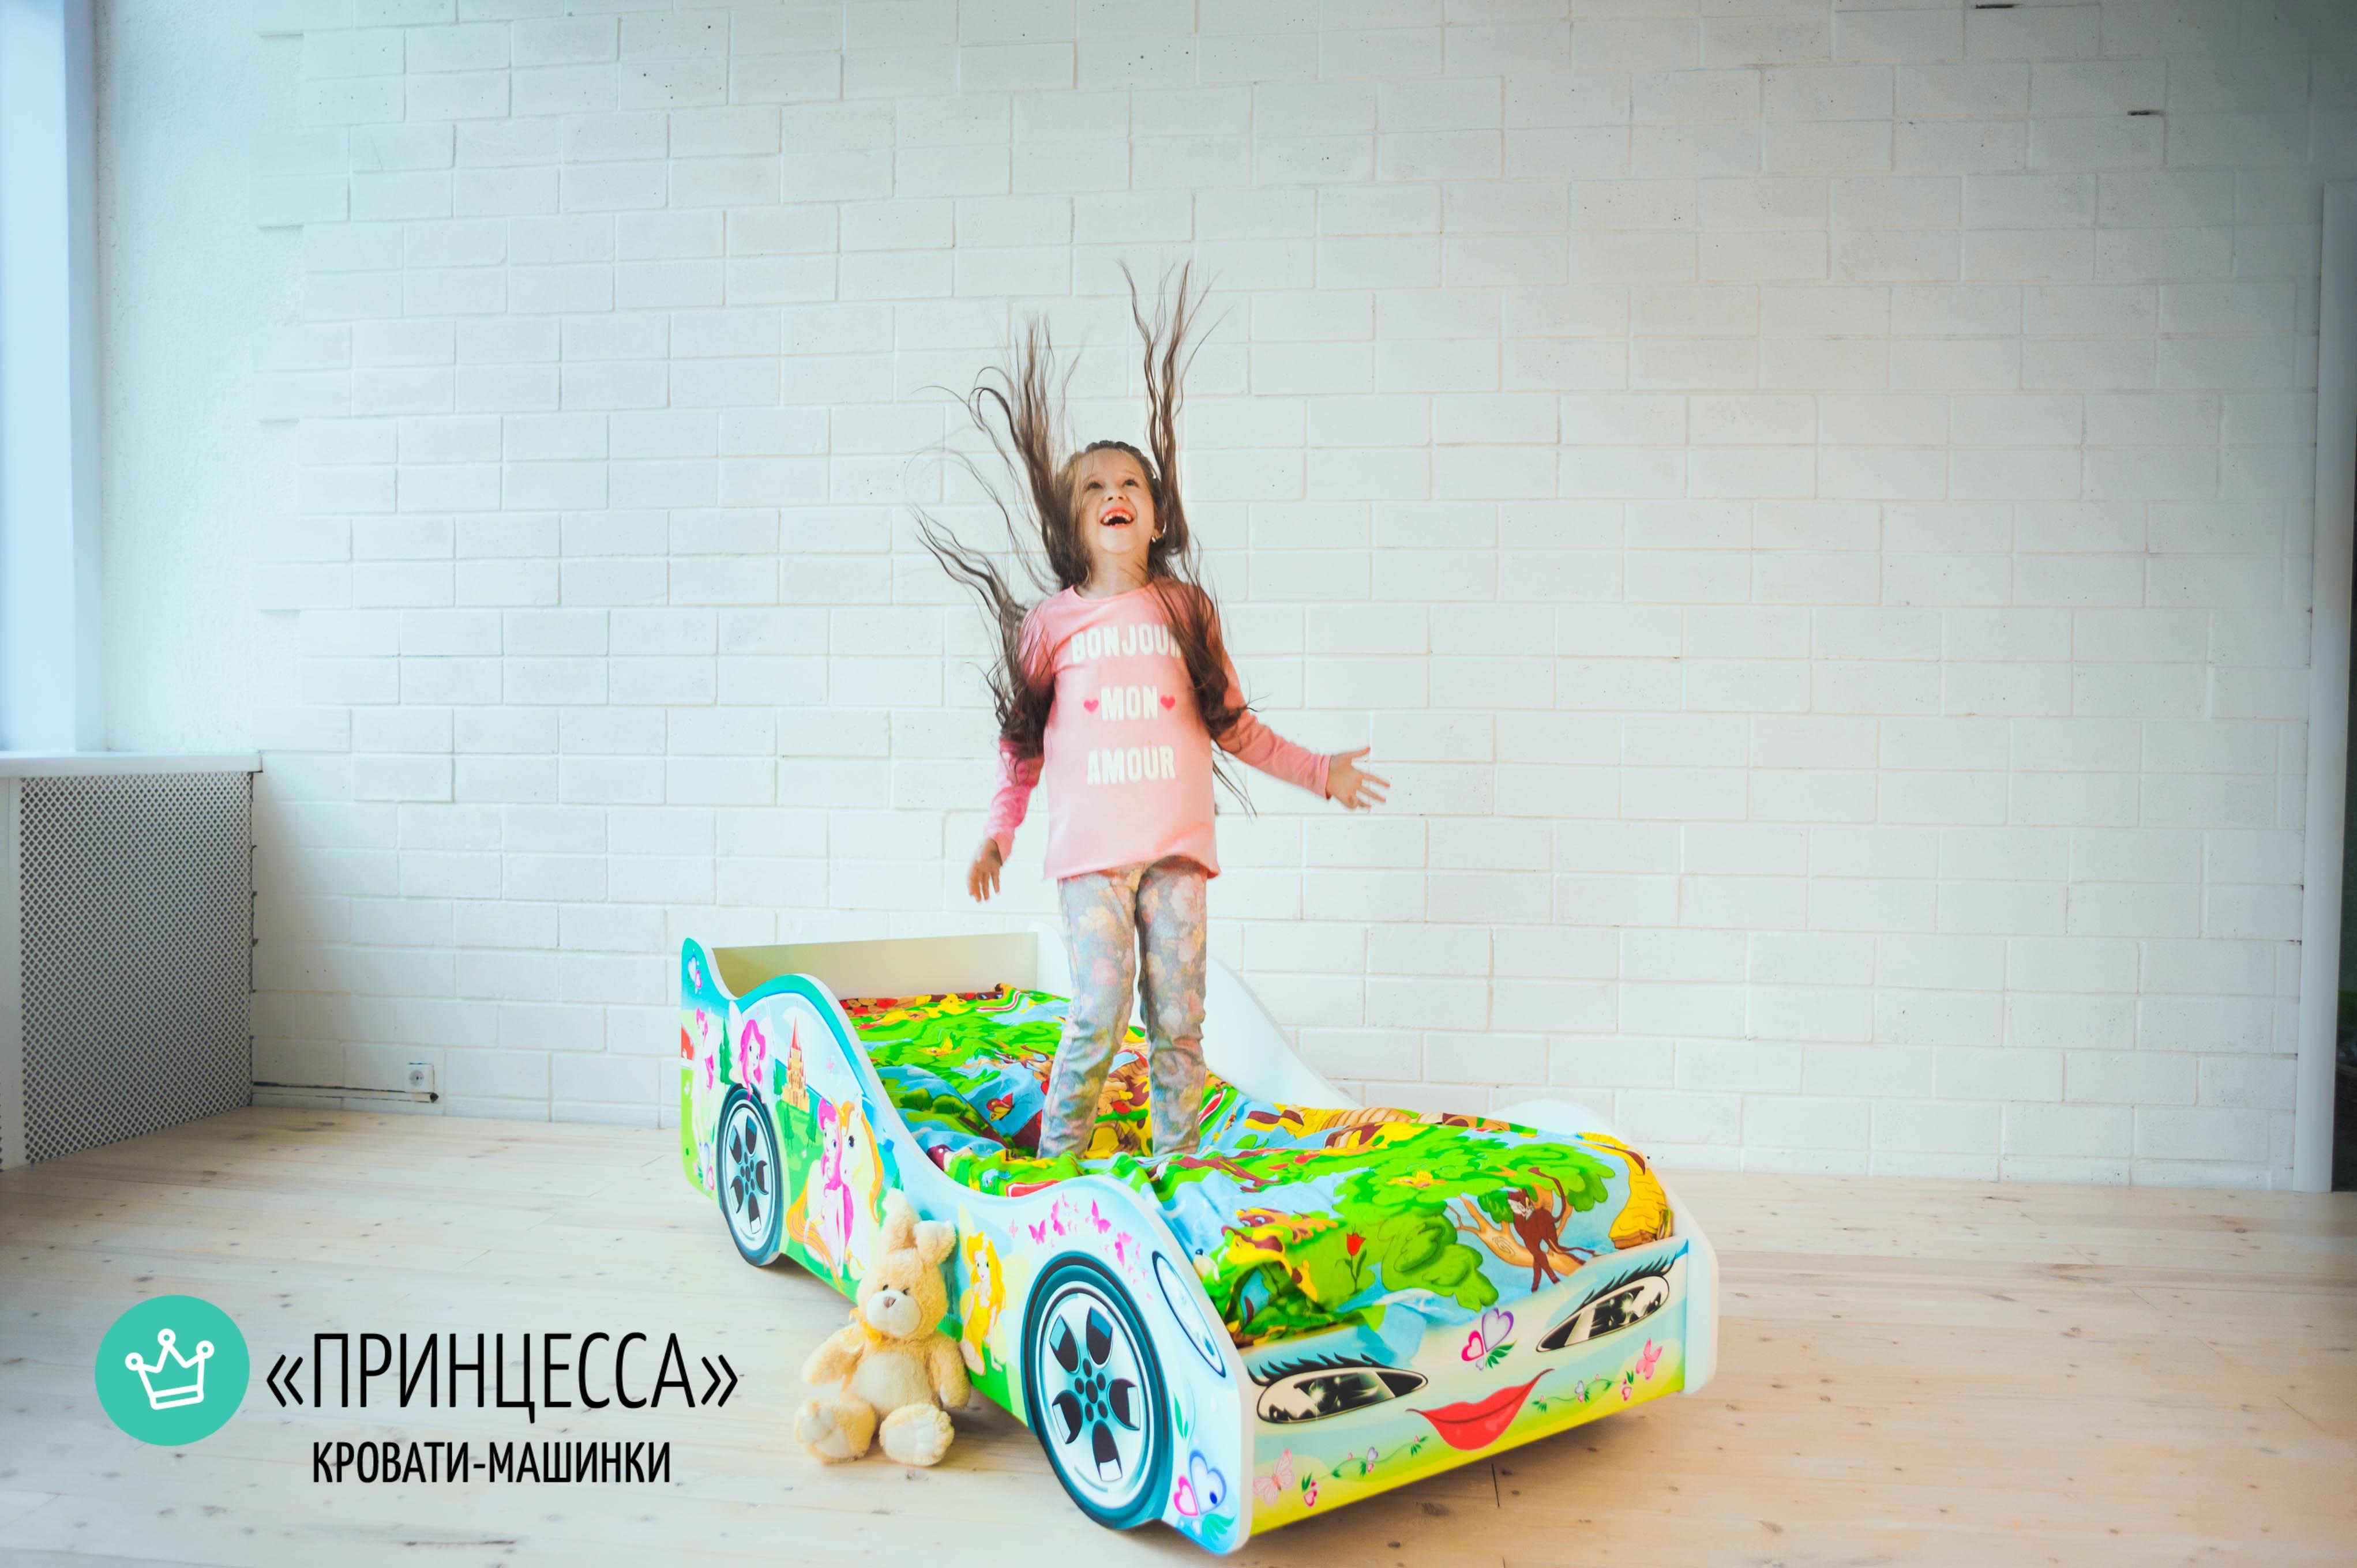 Детская кровать-машина -Принцесса-6